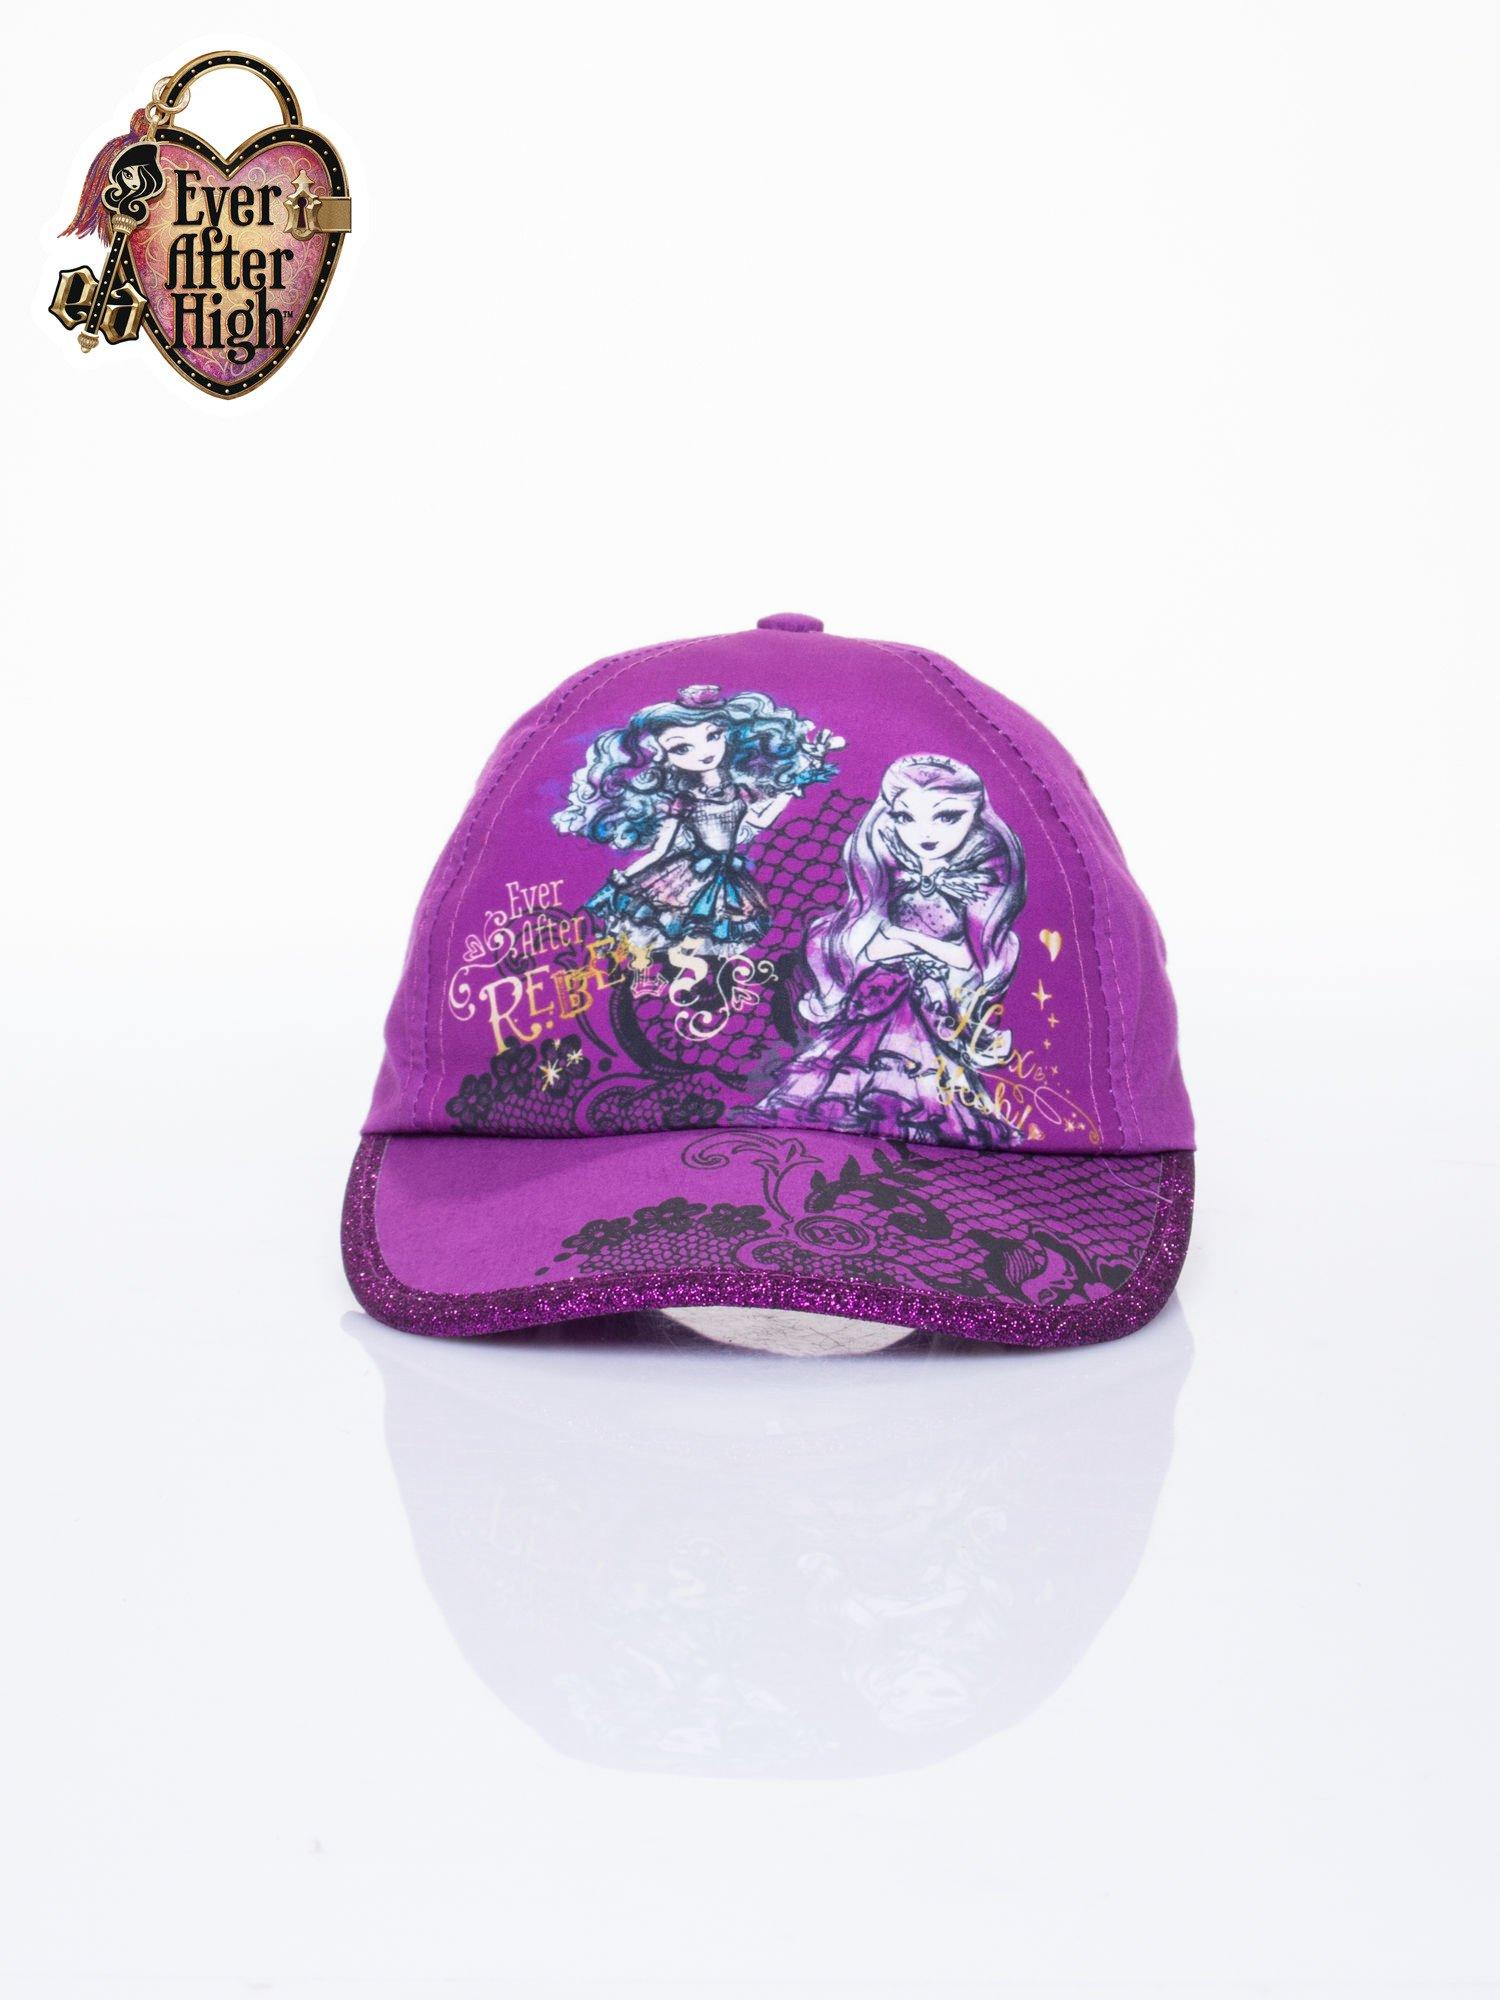 Fioletowa czapka z daszkiem dla dziewczynki EVER AFTER HIGH                                  zdj.                                  1